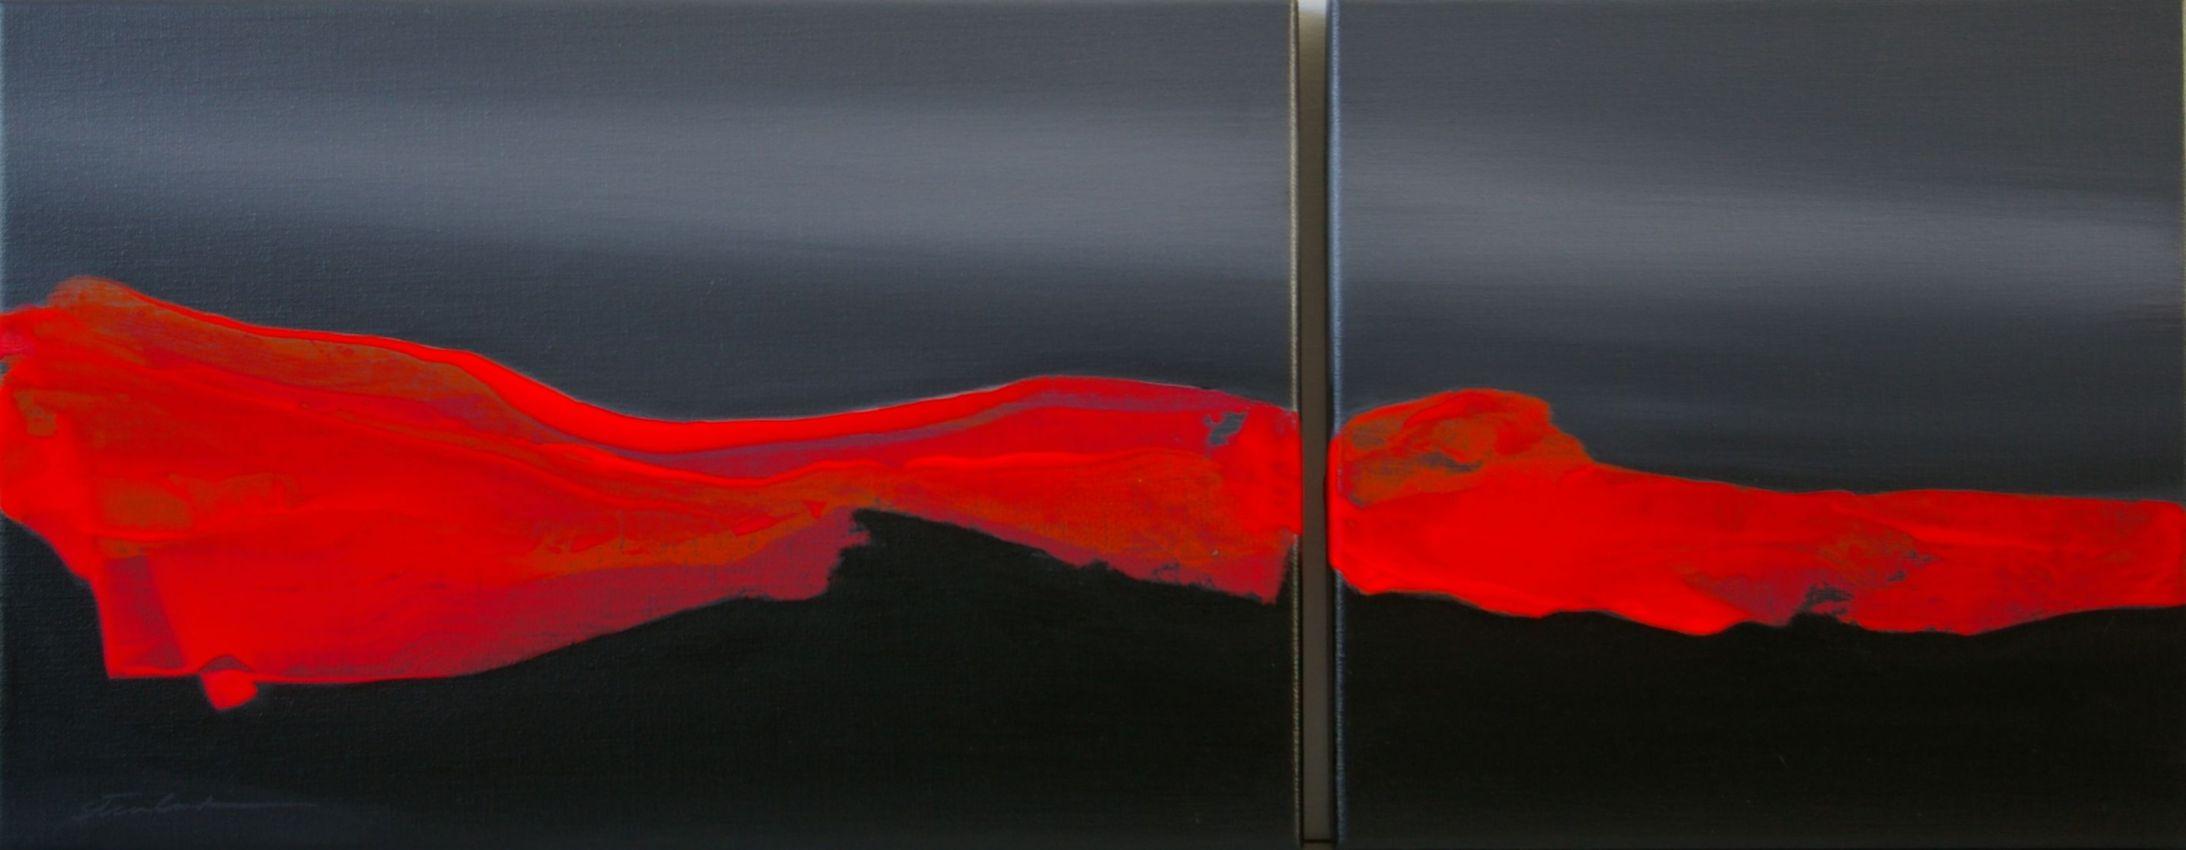 Aurora in Red, 28x72cm